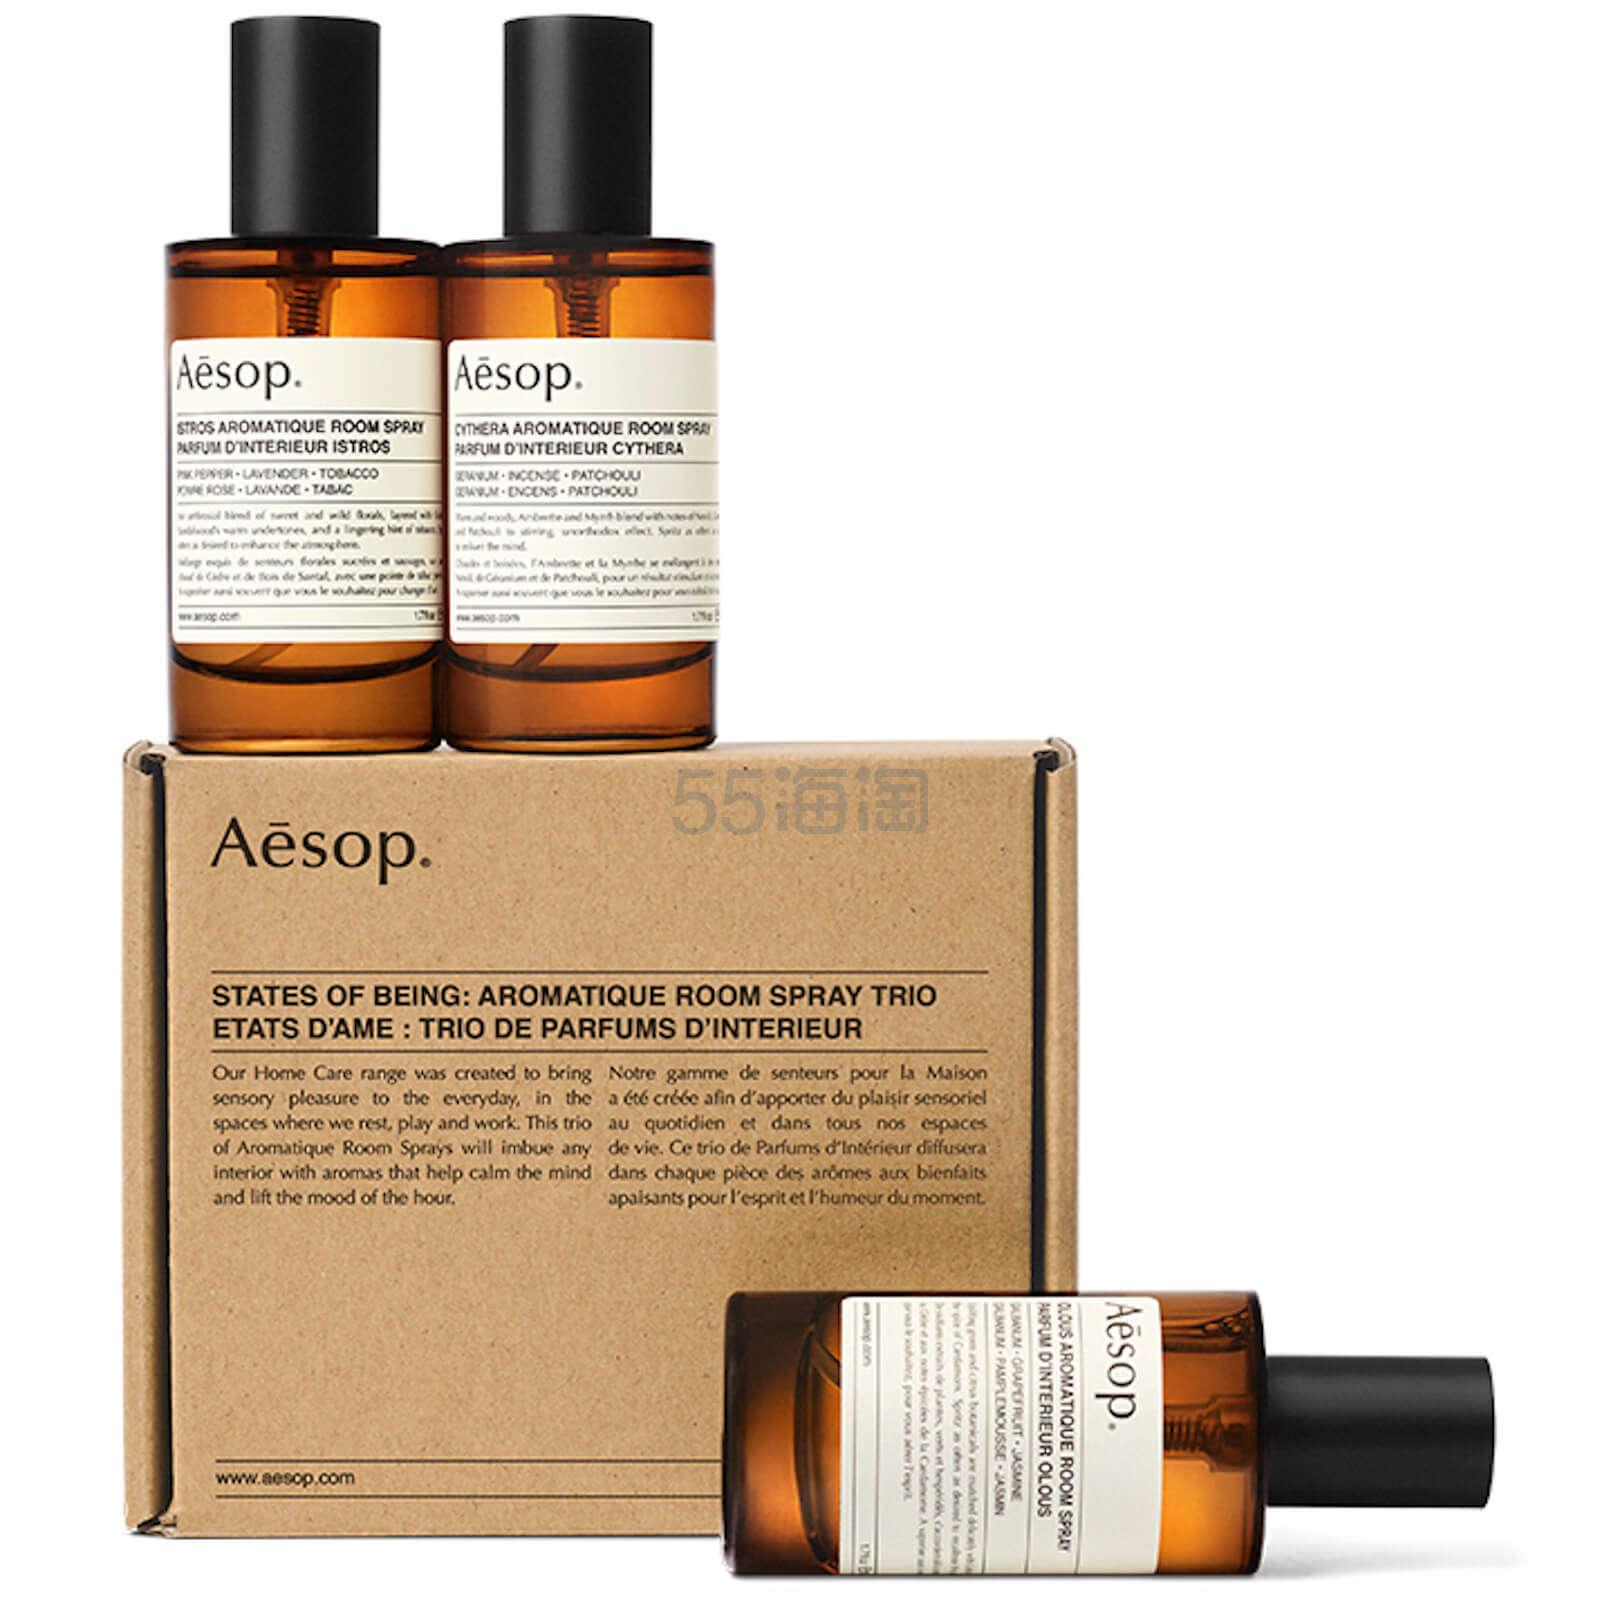 【55专享】Aesop 伊索 室内香氛喷雾三件套 £56.21(约512元) - 海淘优惠海淘折扣|55海淘网